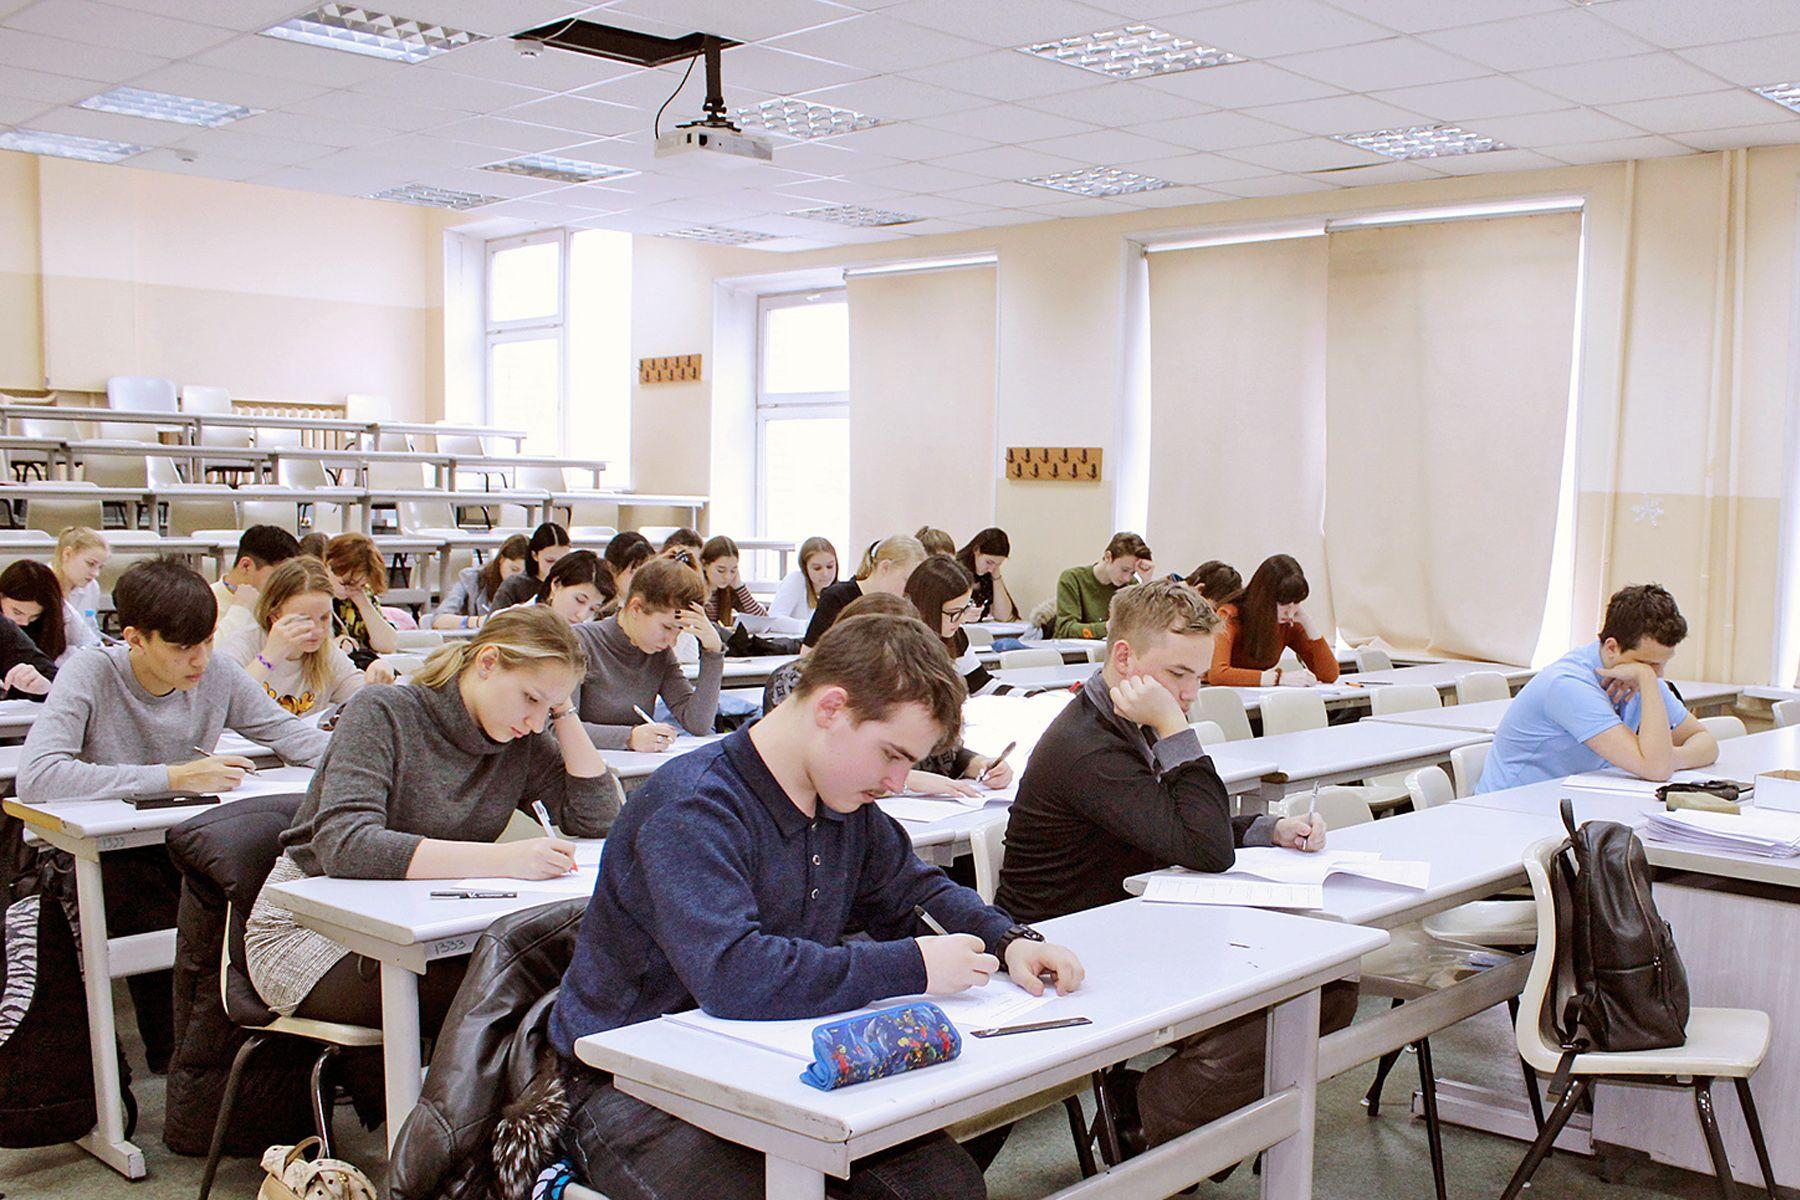 Olympic English ВГУЭС: победителям и призерам – дополнительные баллы при поступлении на программы бакалавриата «Лингвистика» и «Педагогическое образование»